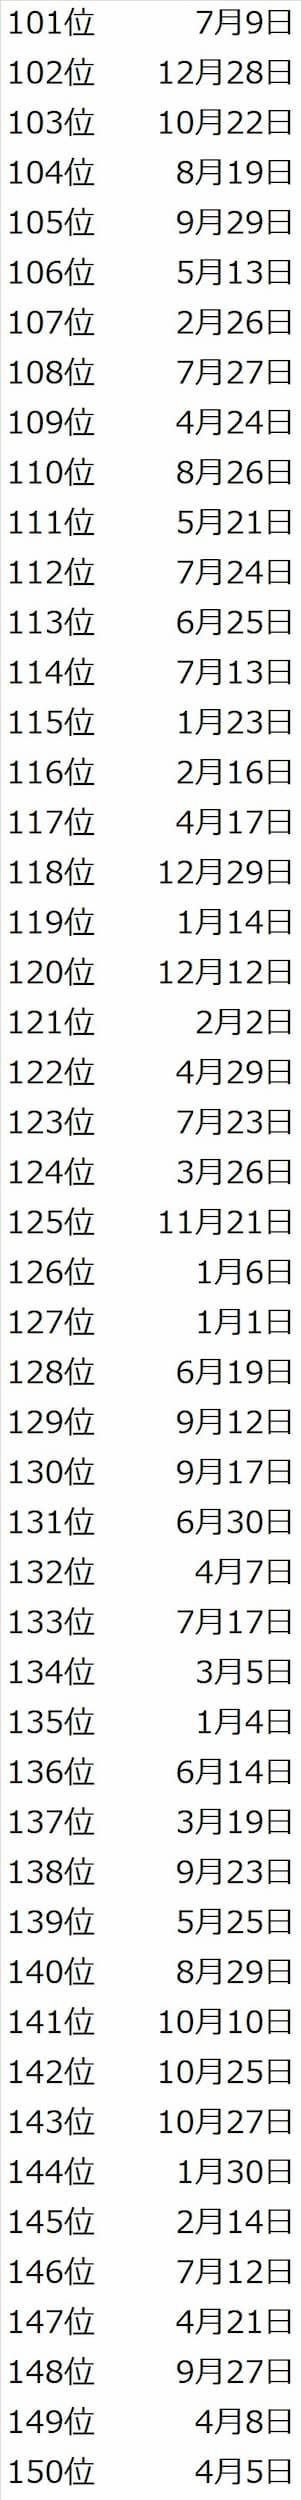 誕生日でわかる2021年の運勢ランキングが登場!あなたは何位だった?